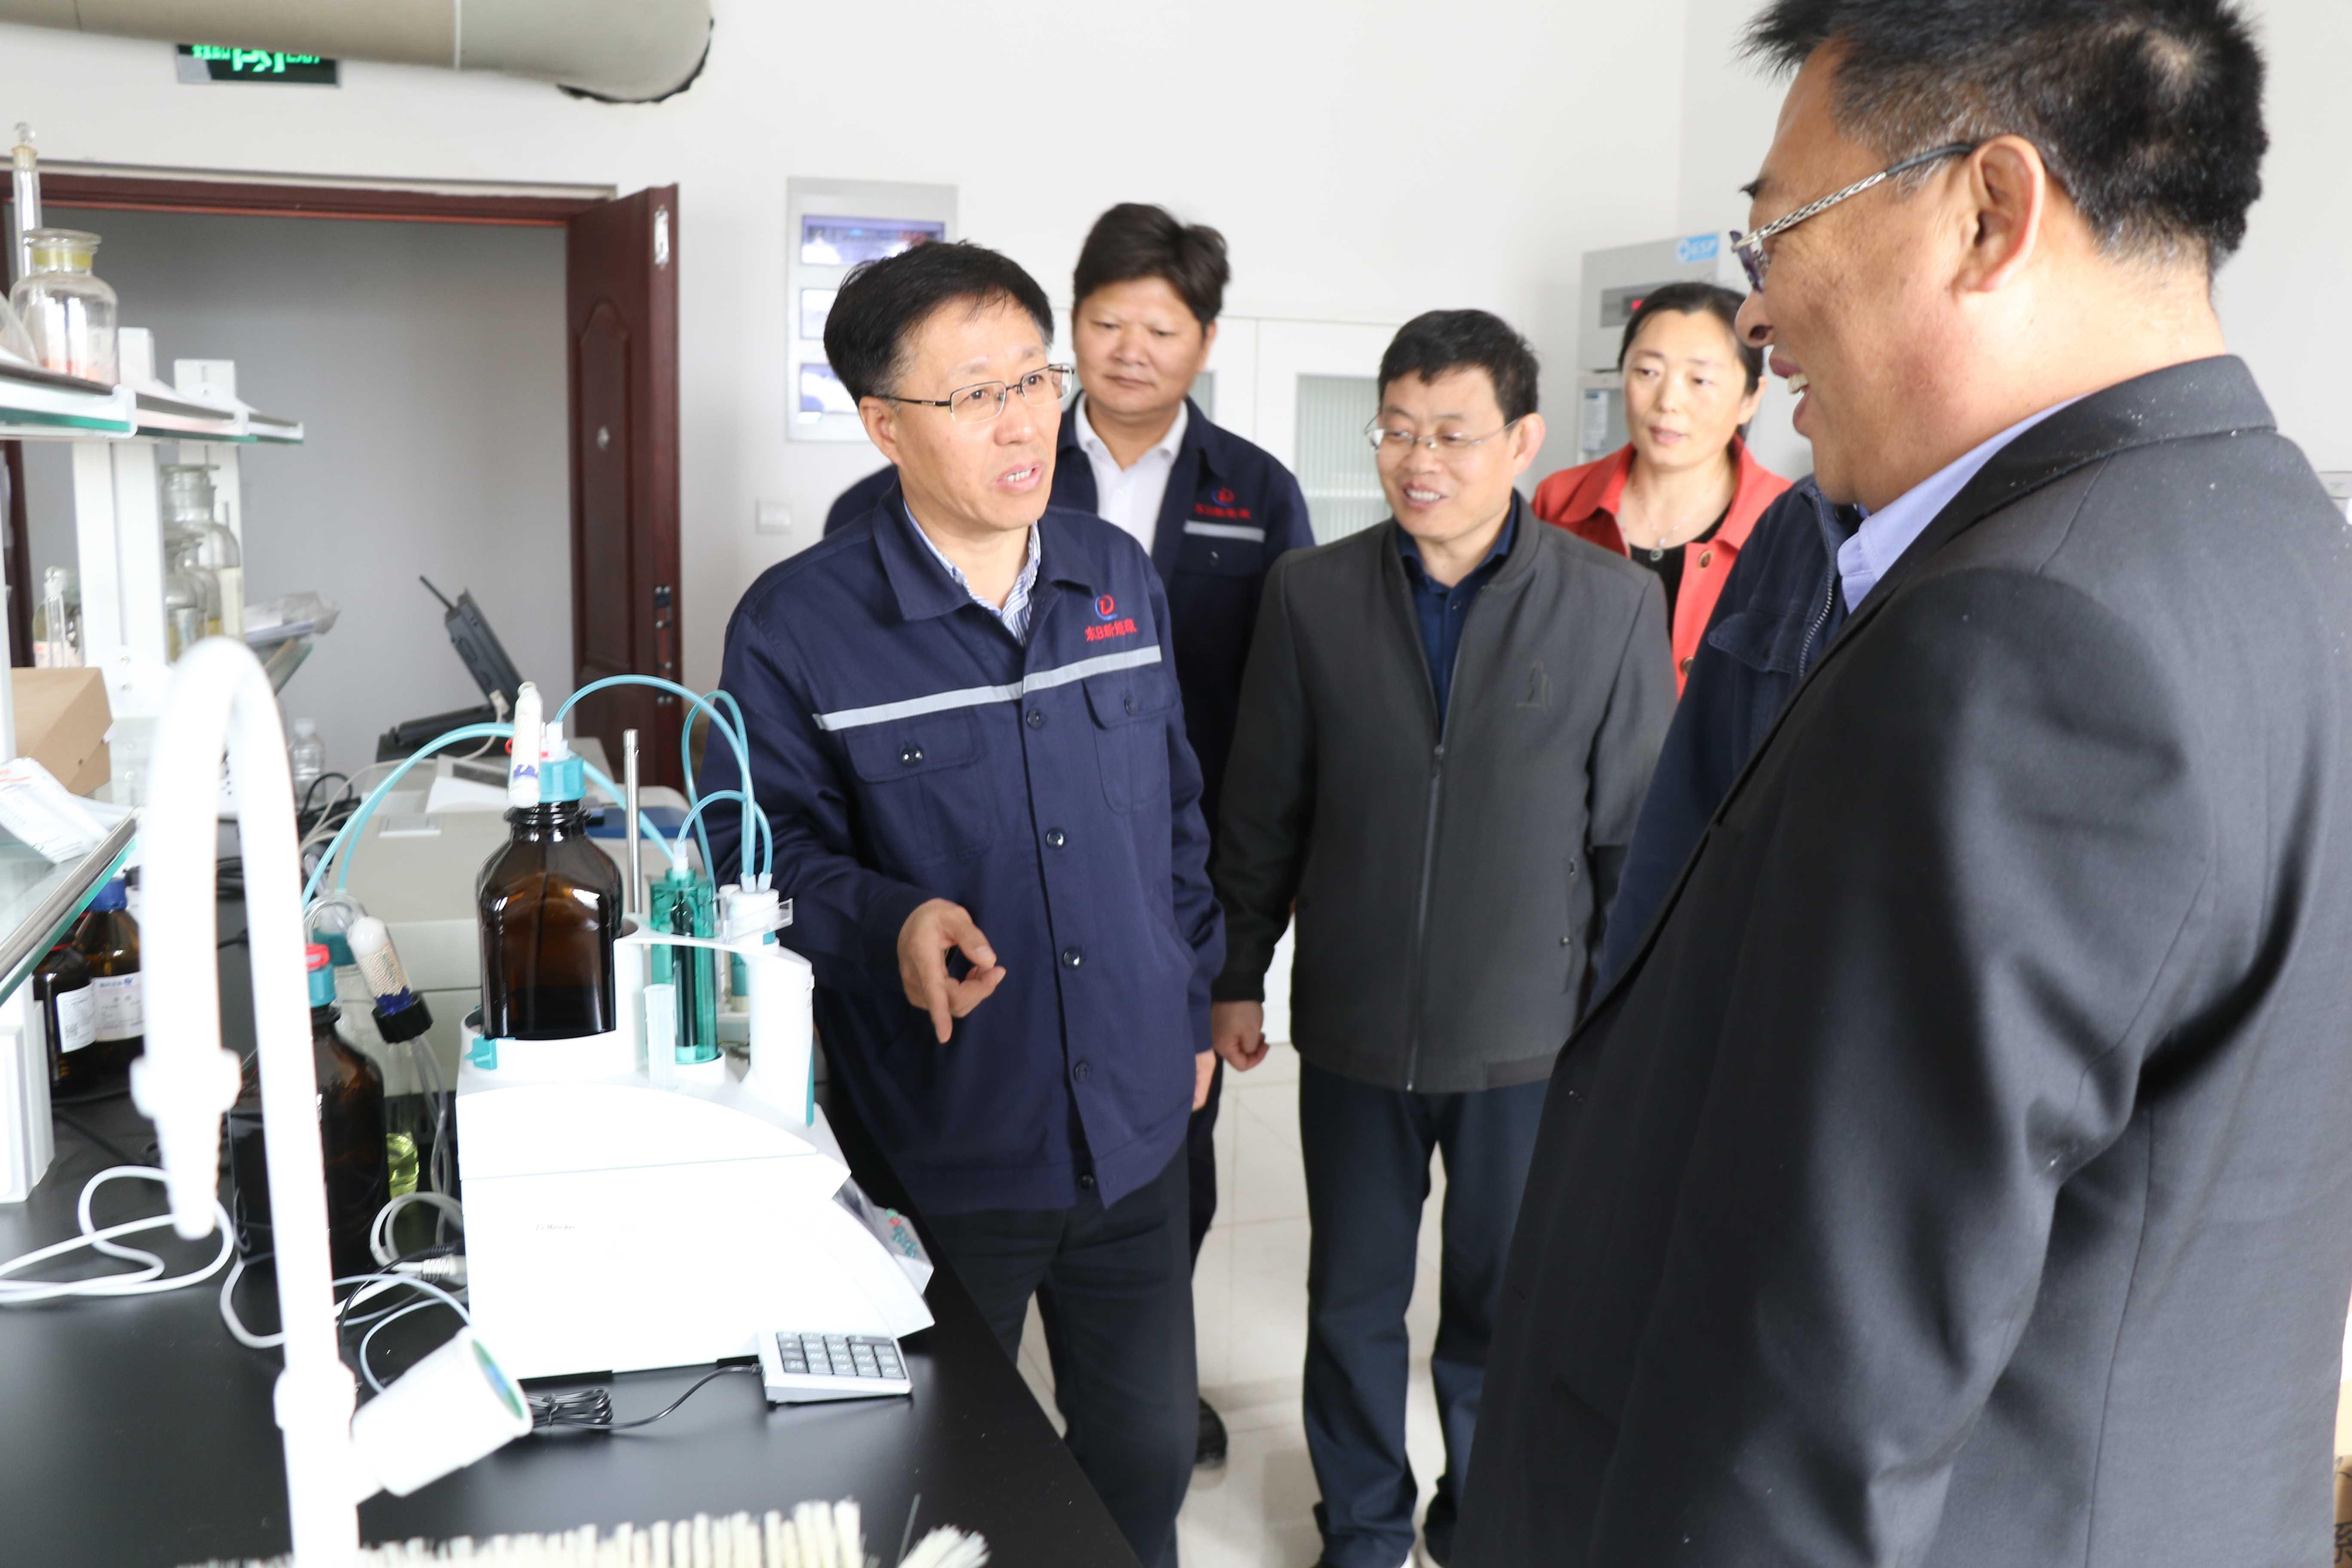 公司与乐亭县综合职业技术学校领导校企交流-071A6255